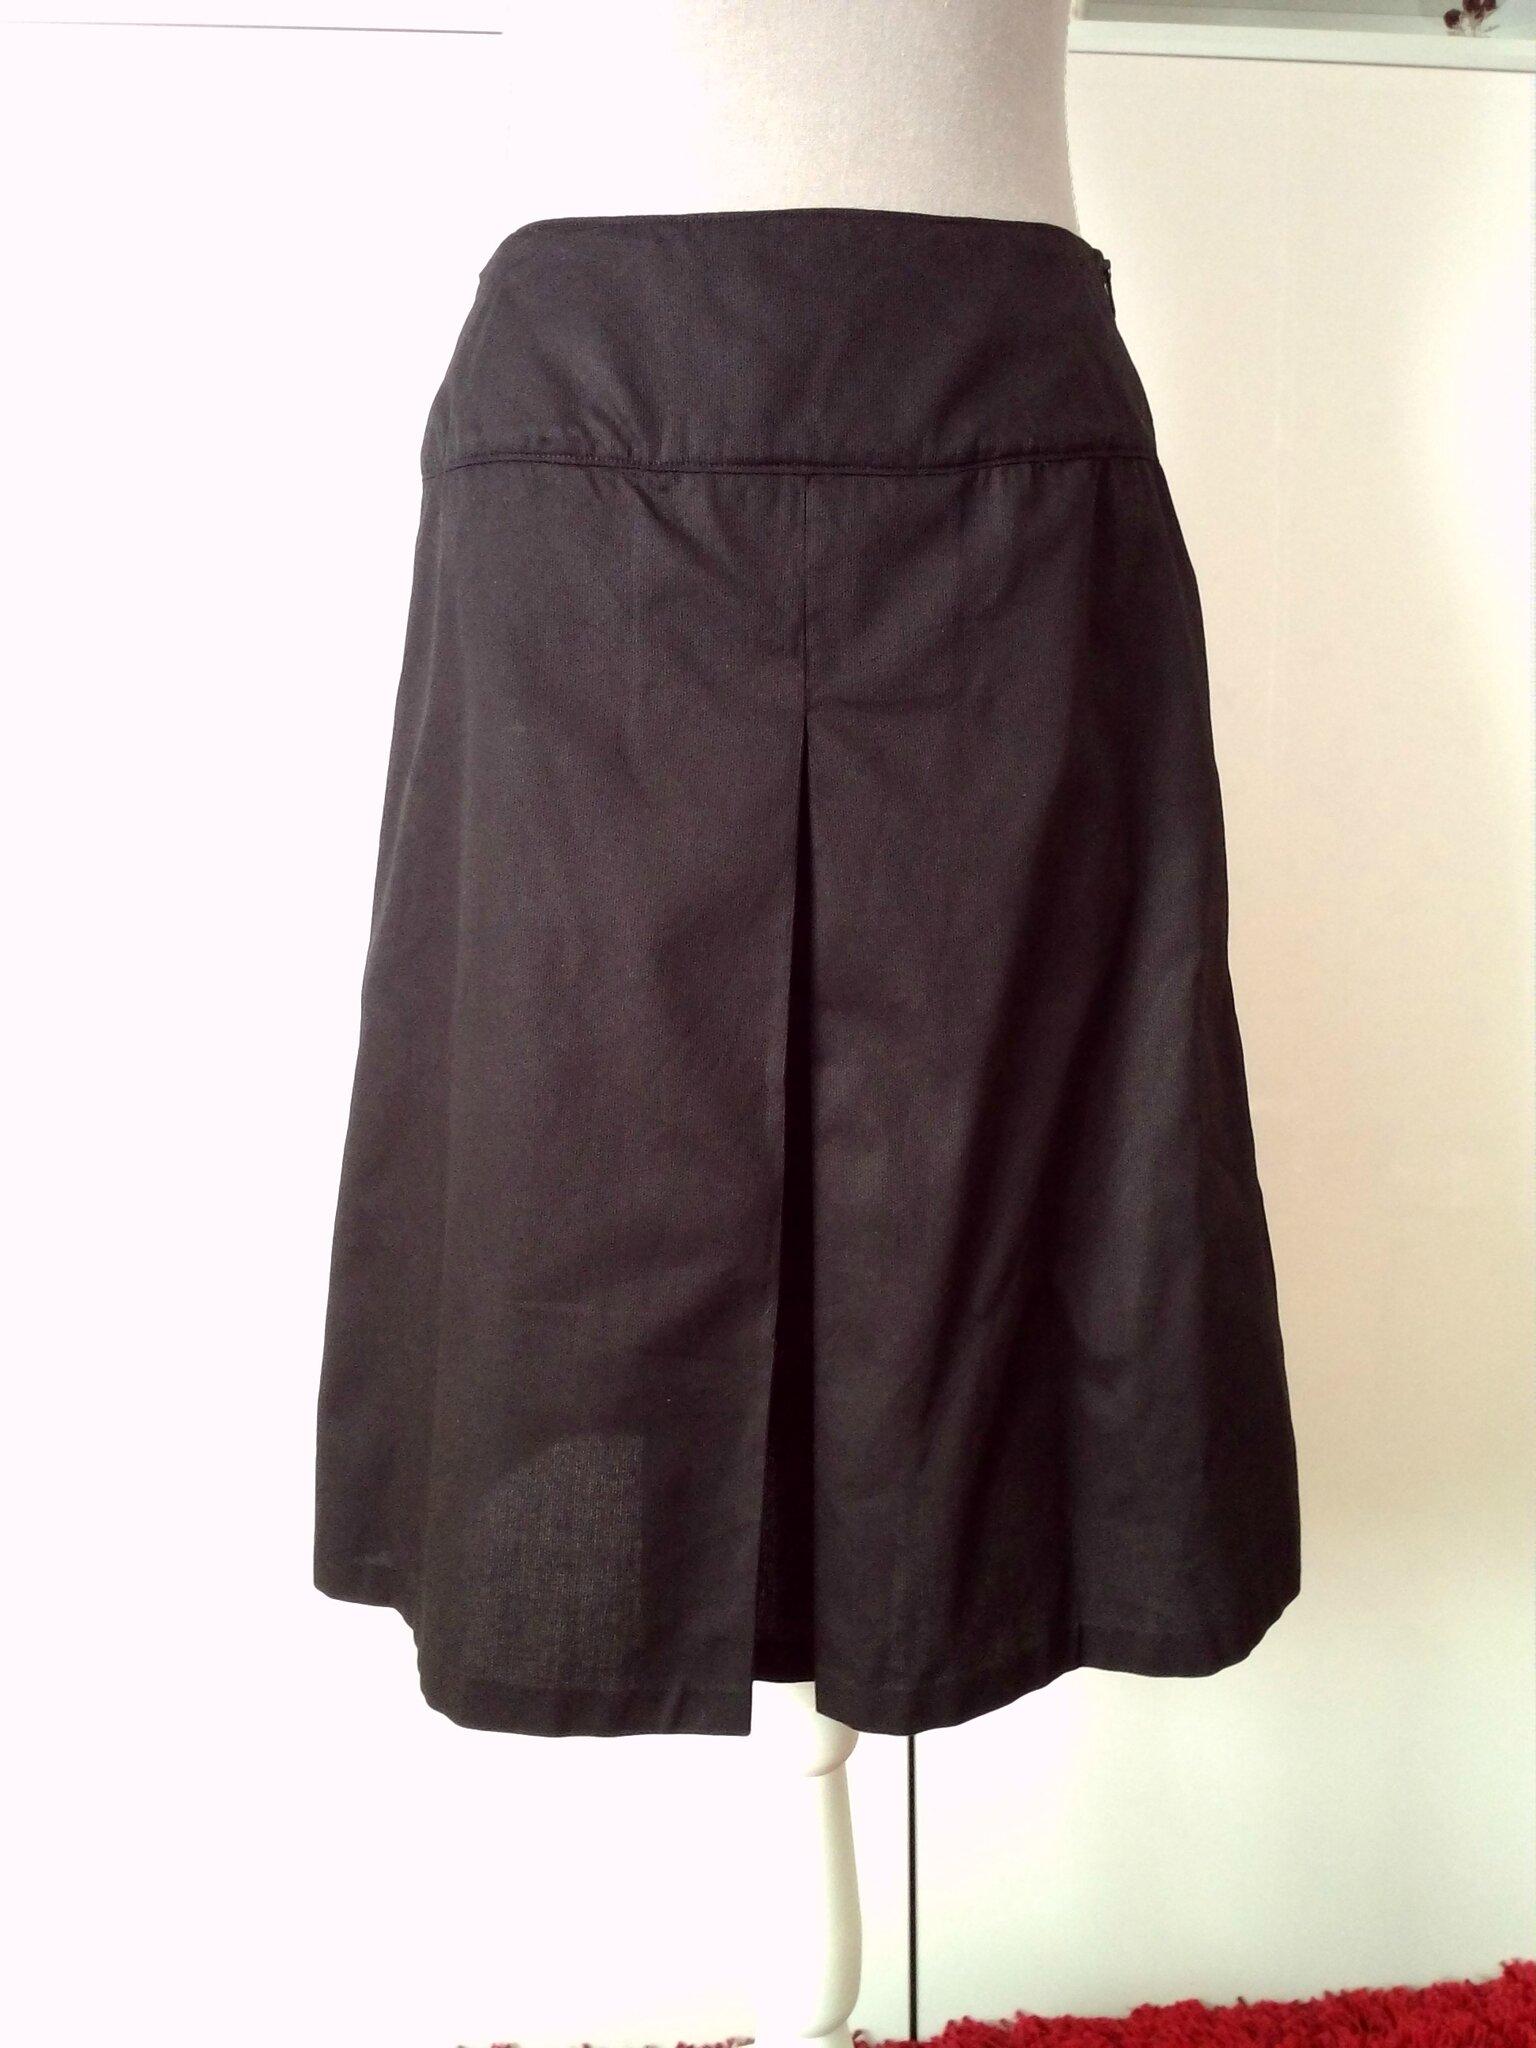 Jupe #1 : la jupe à plis creux